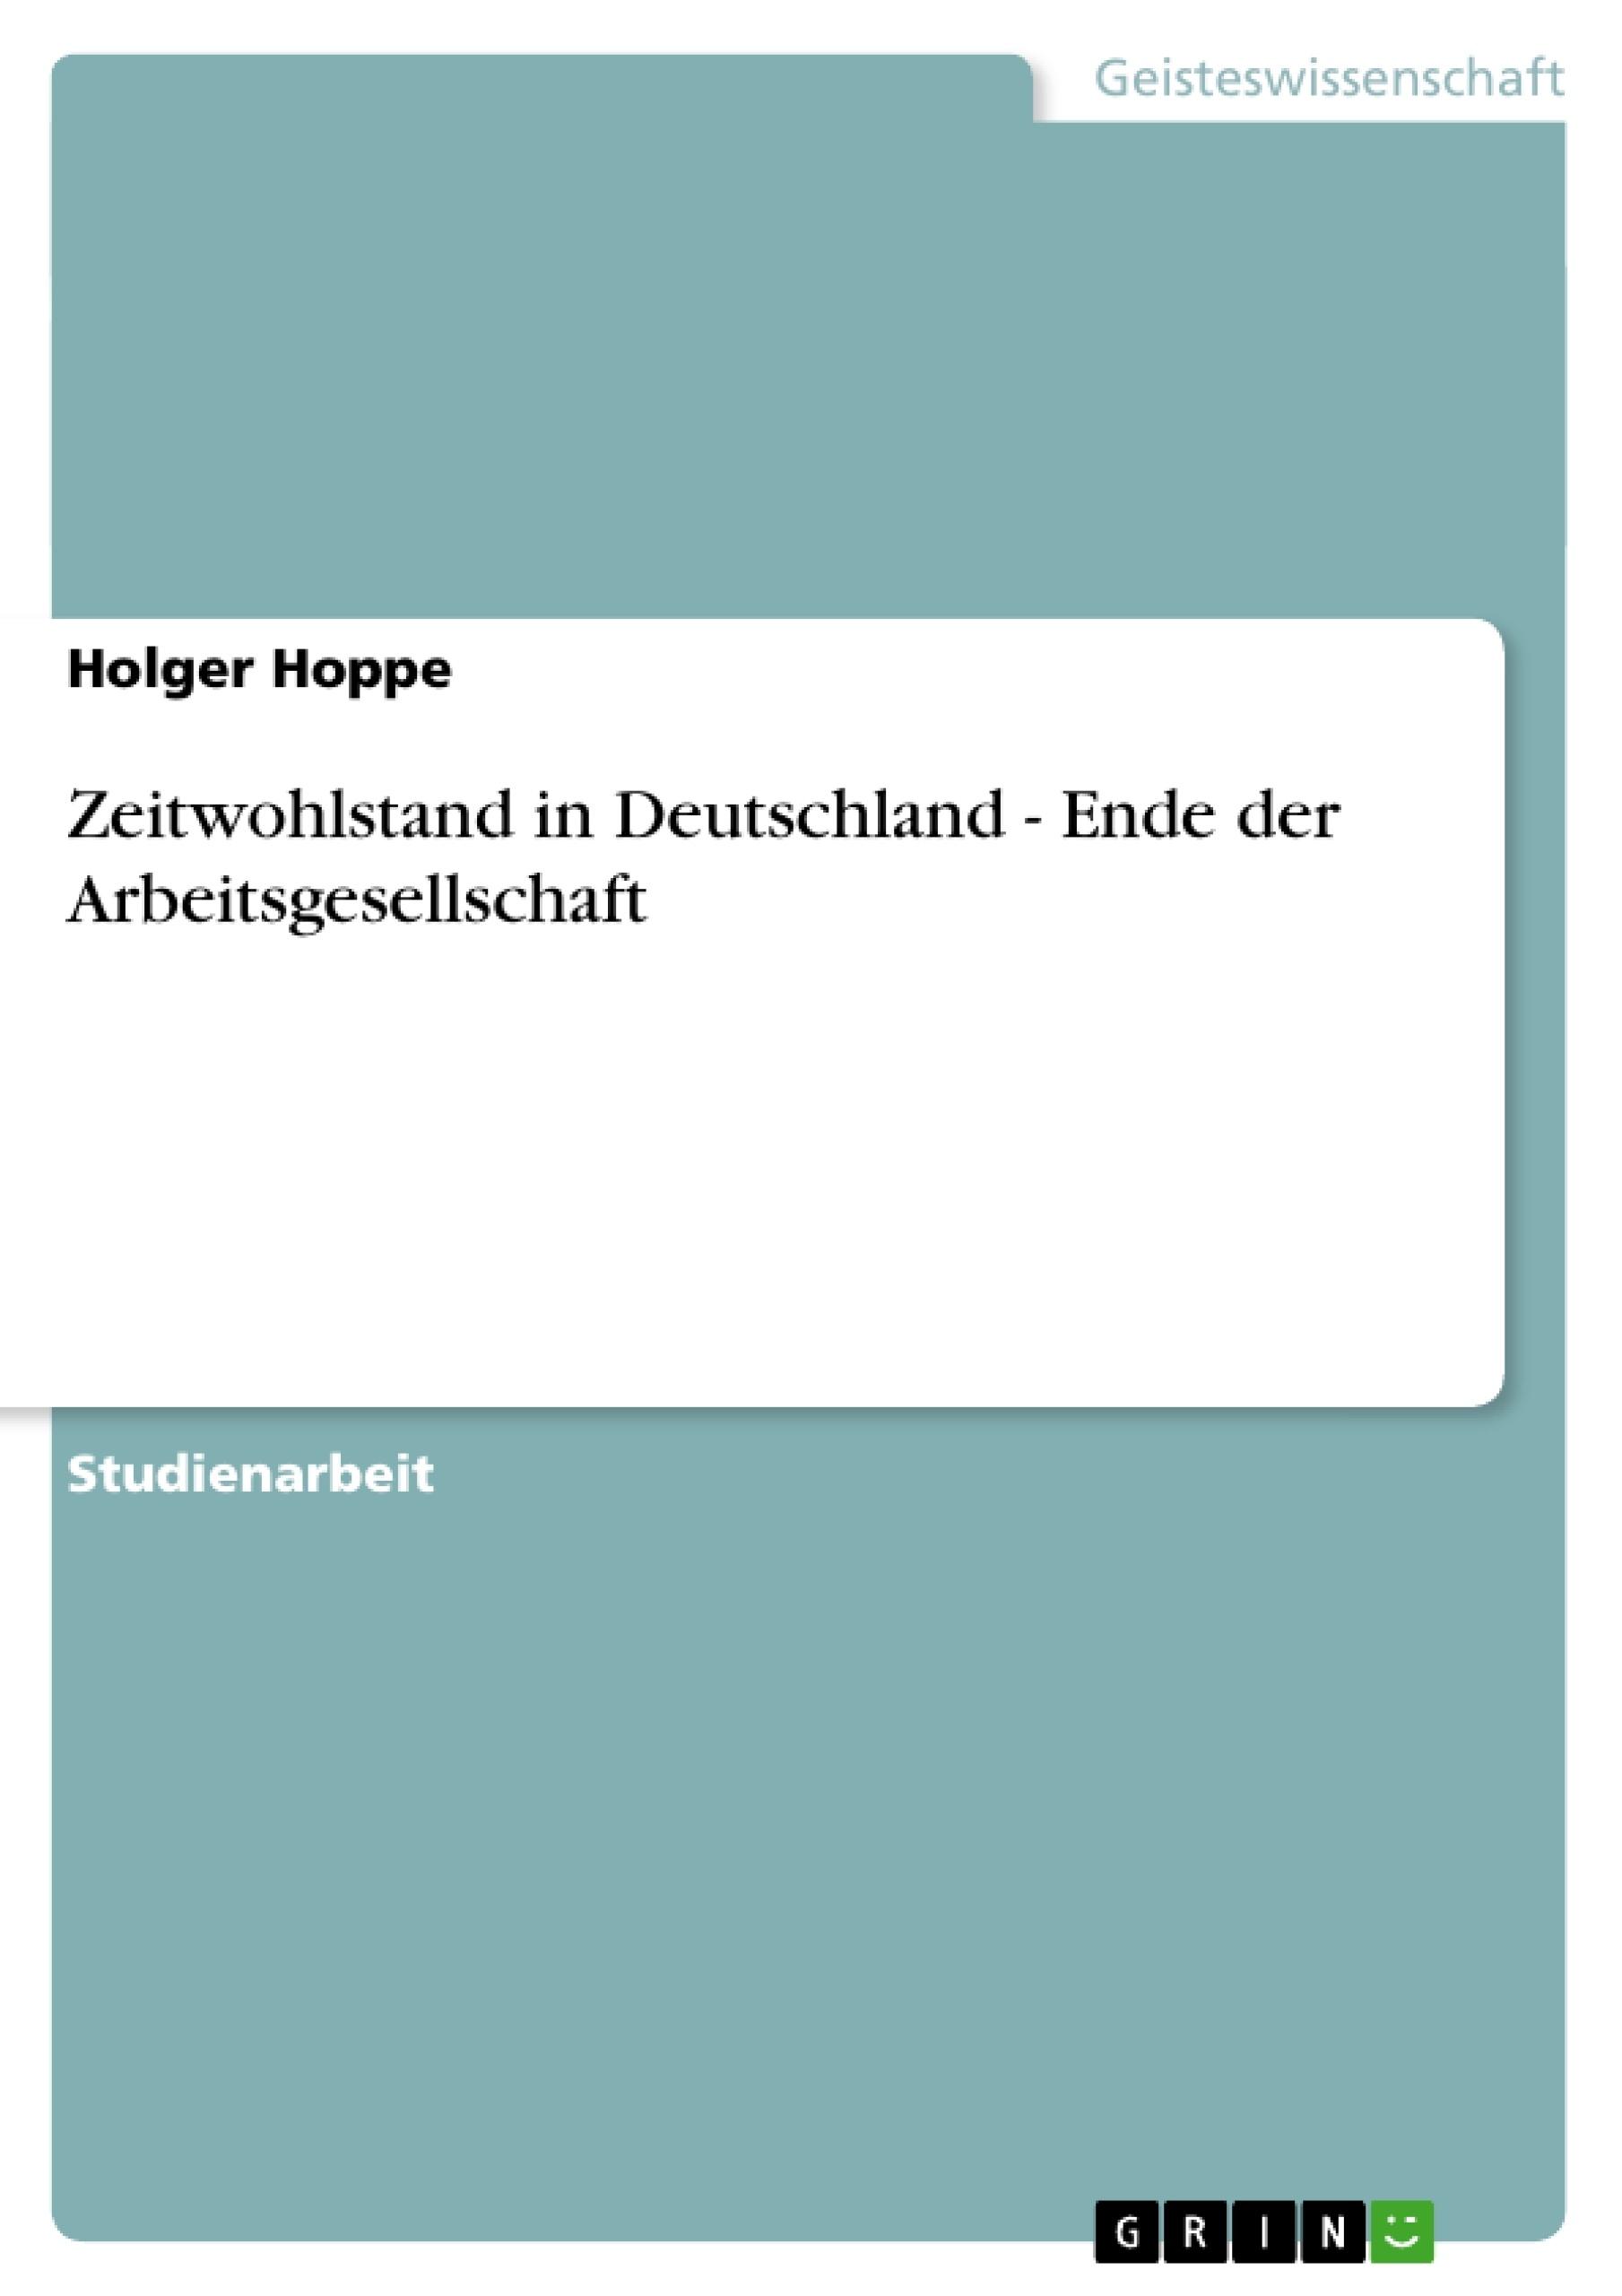 Titel: Zeitwohlstand in Deutschland - Ende der Arbeitsgesellschaft